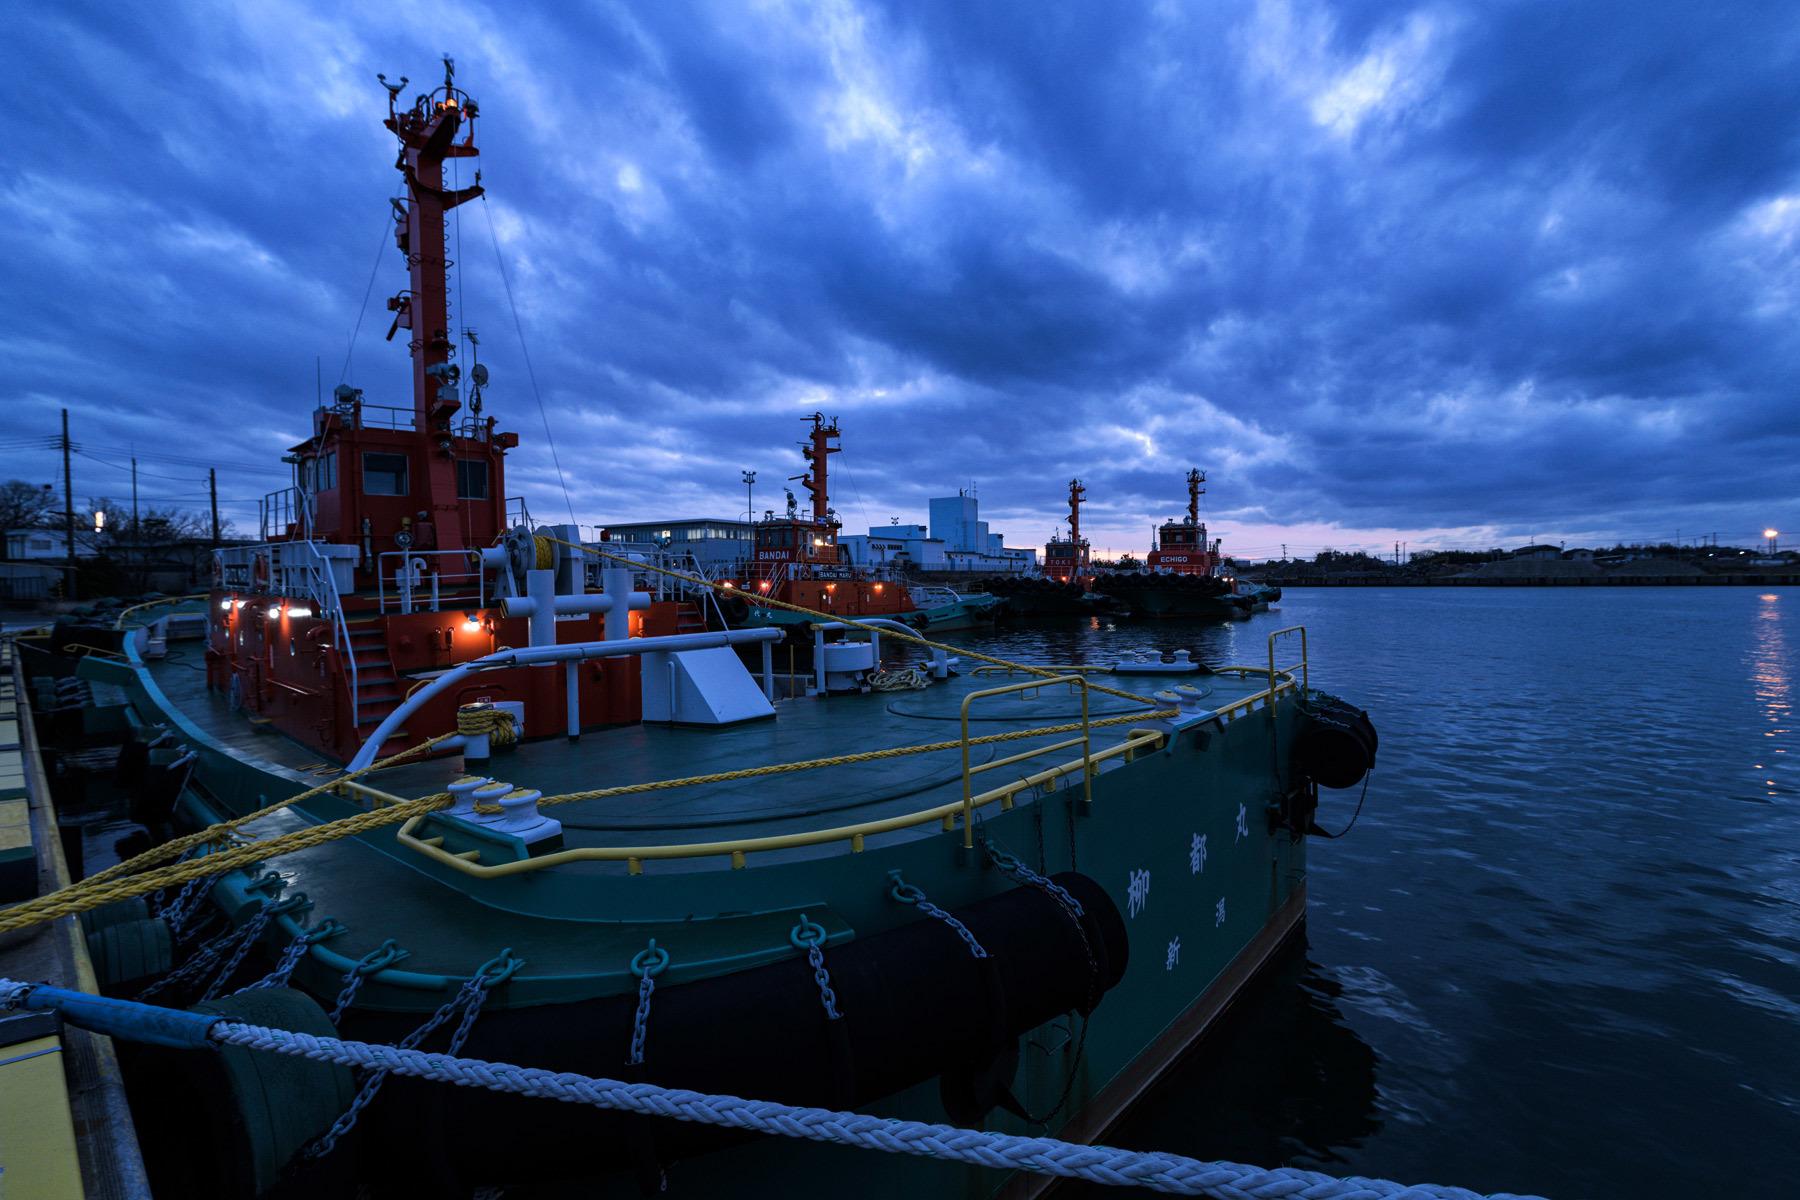 Dusk in tugboat_a0041722_11084333.jpg